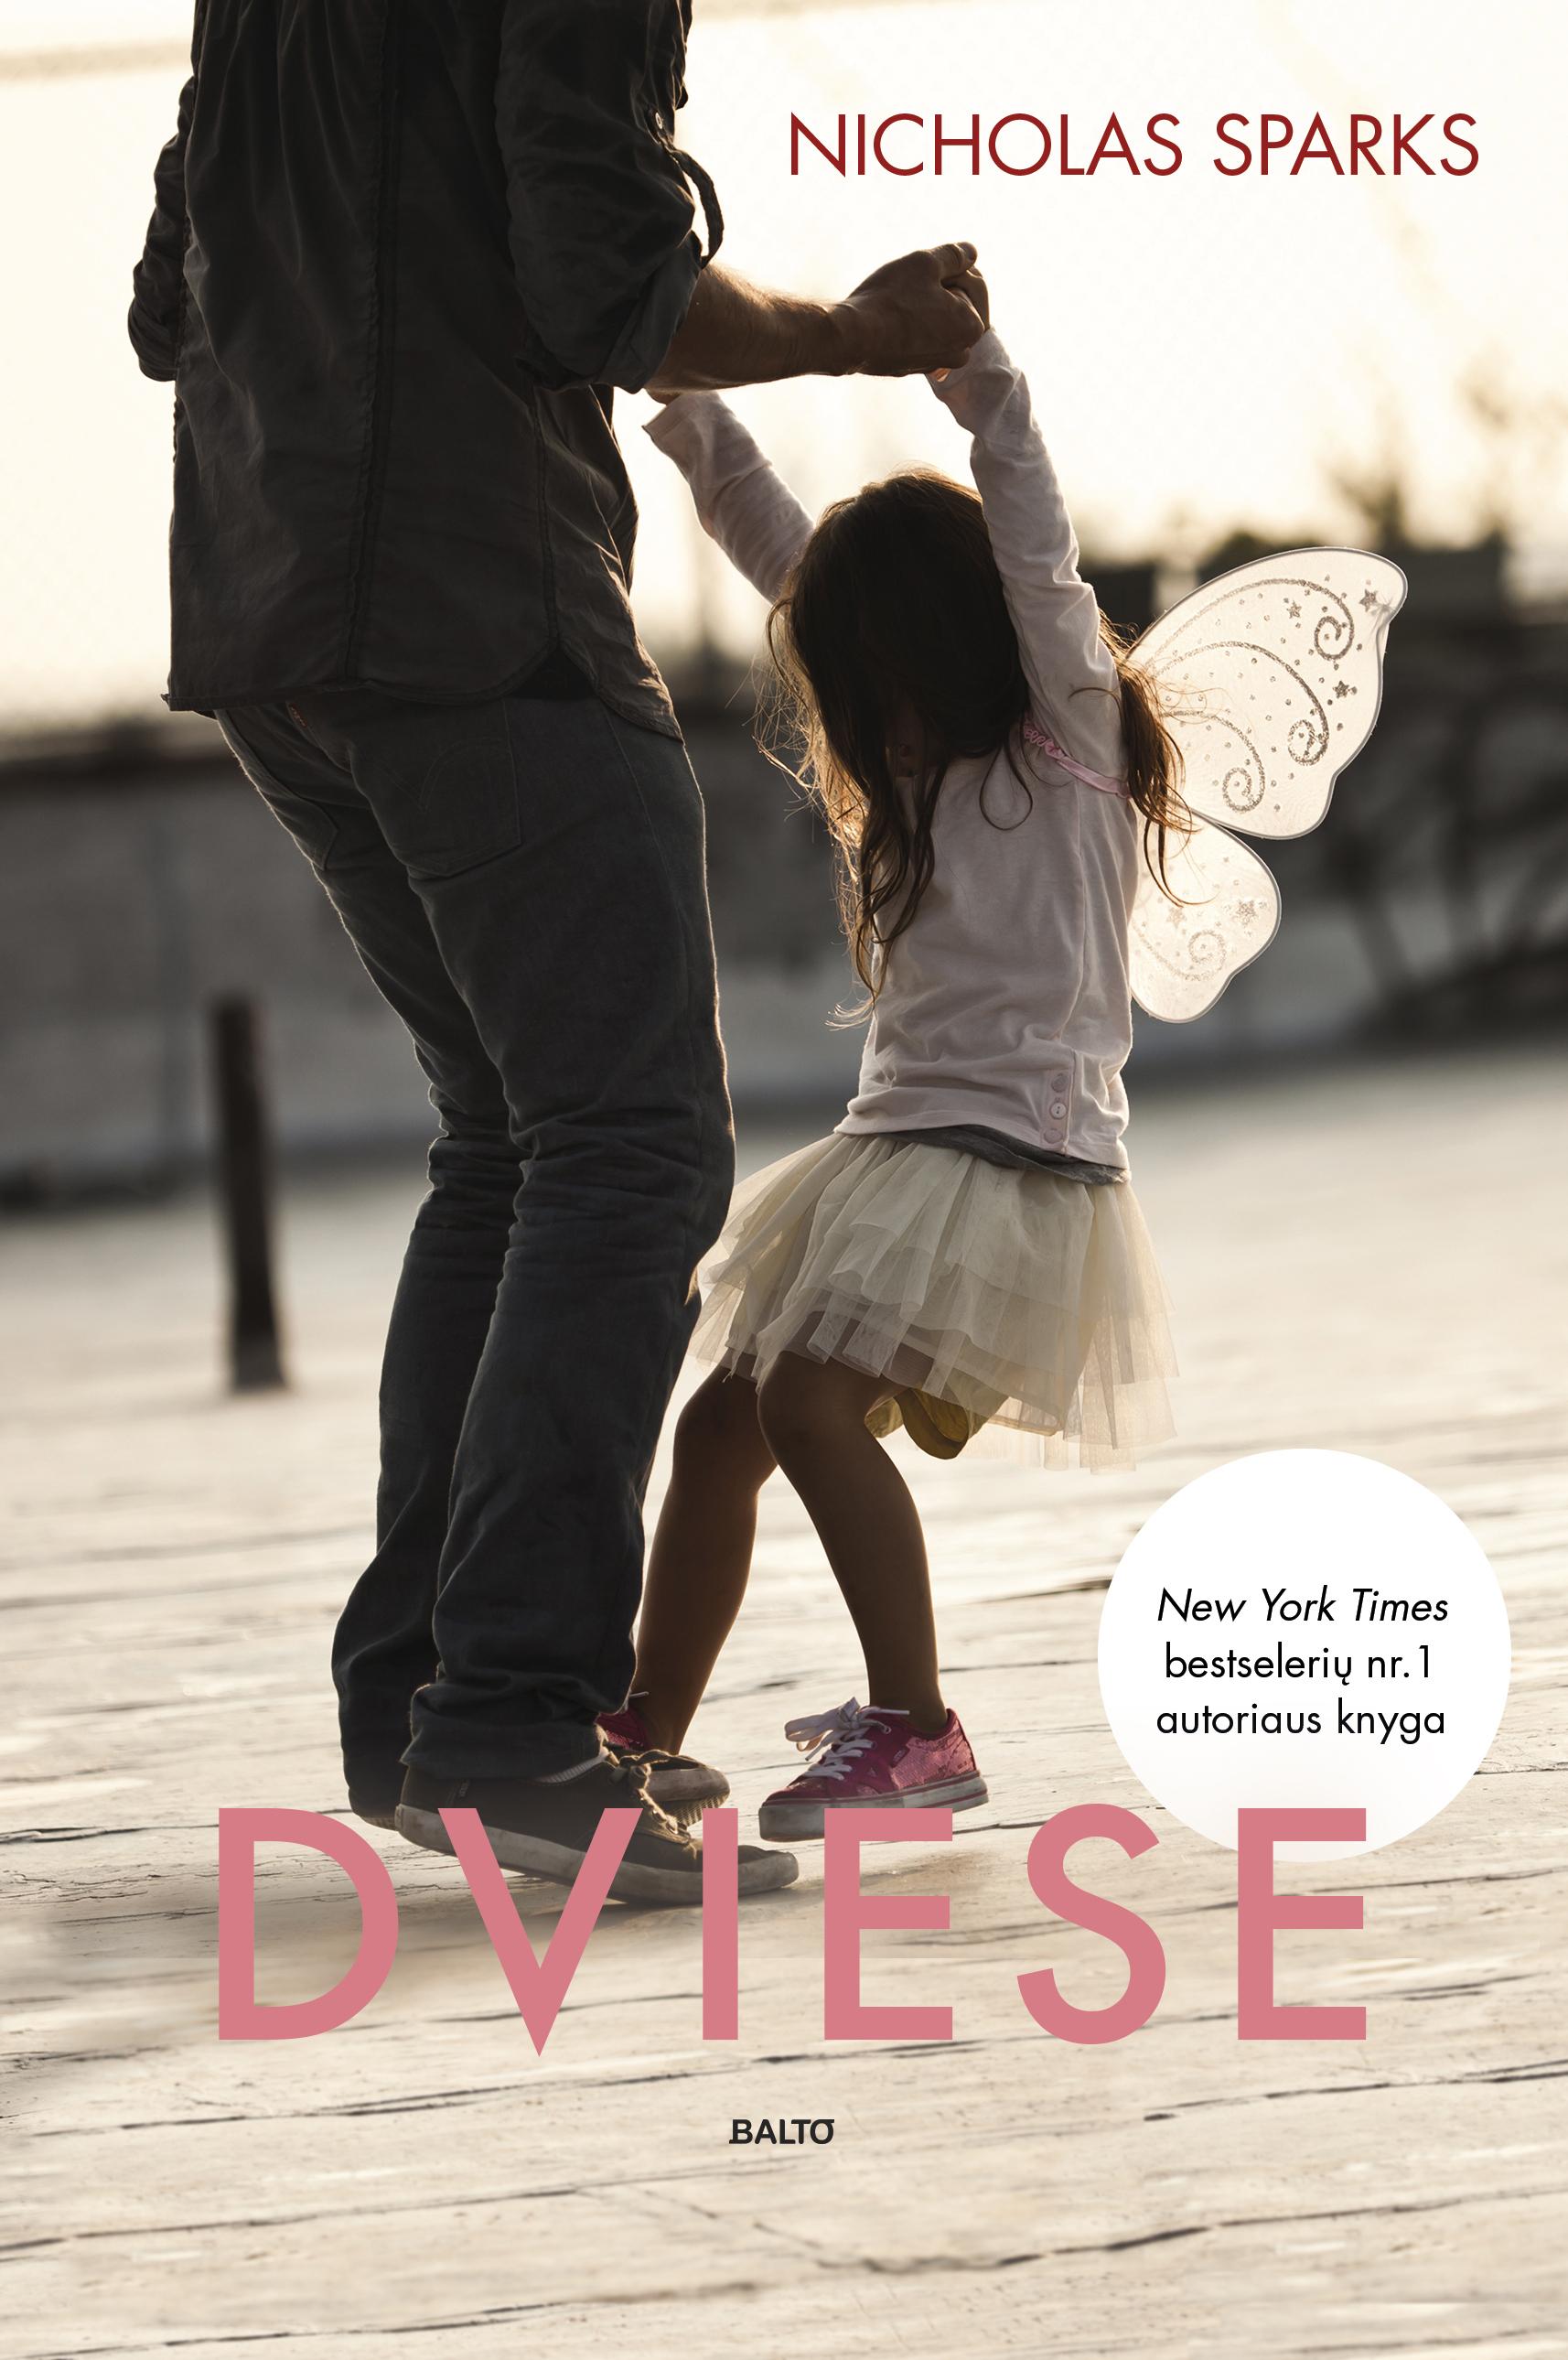 Dviese - Nicholas Sparks